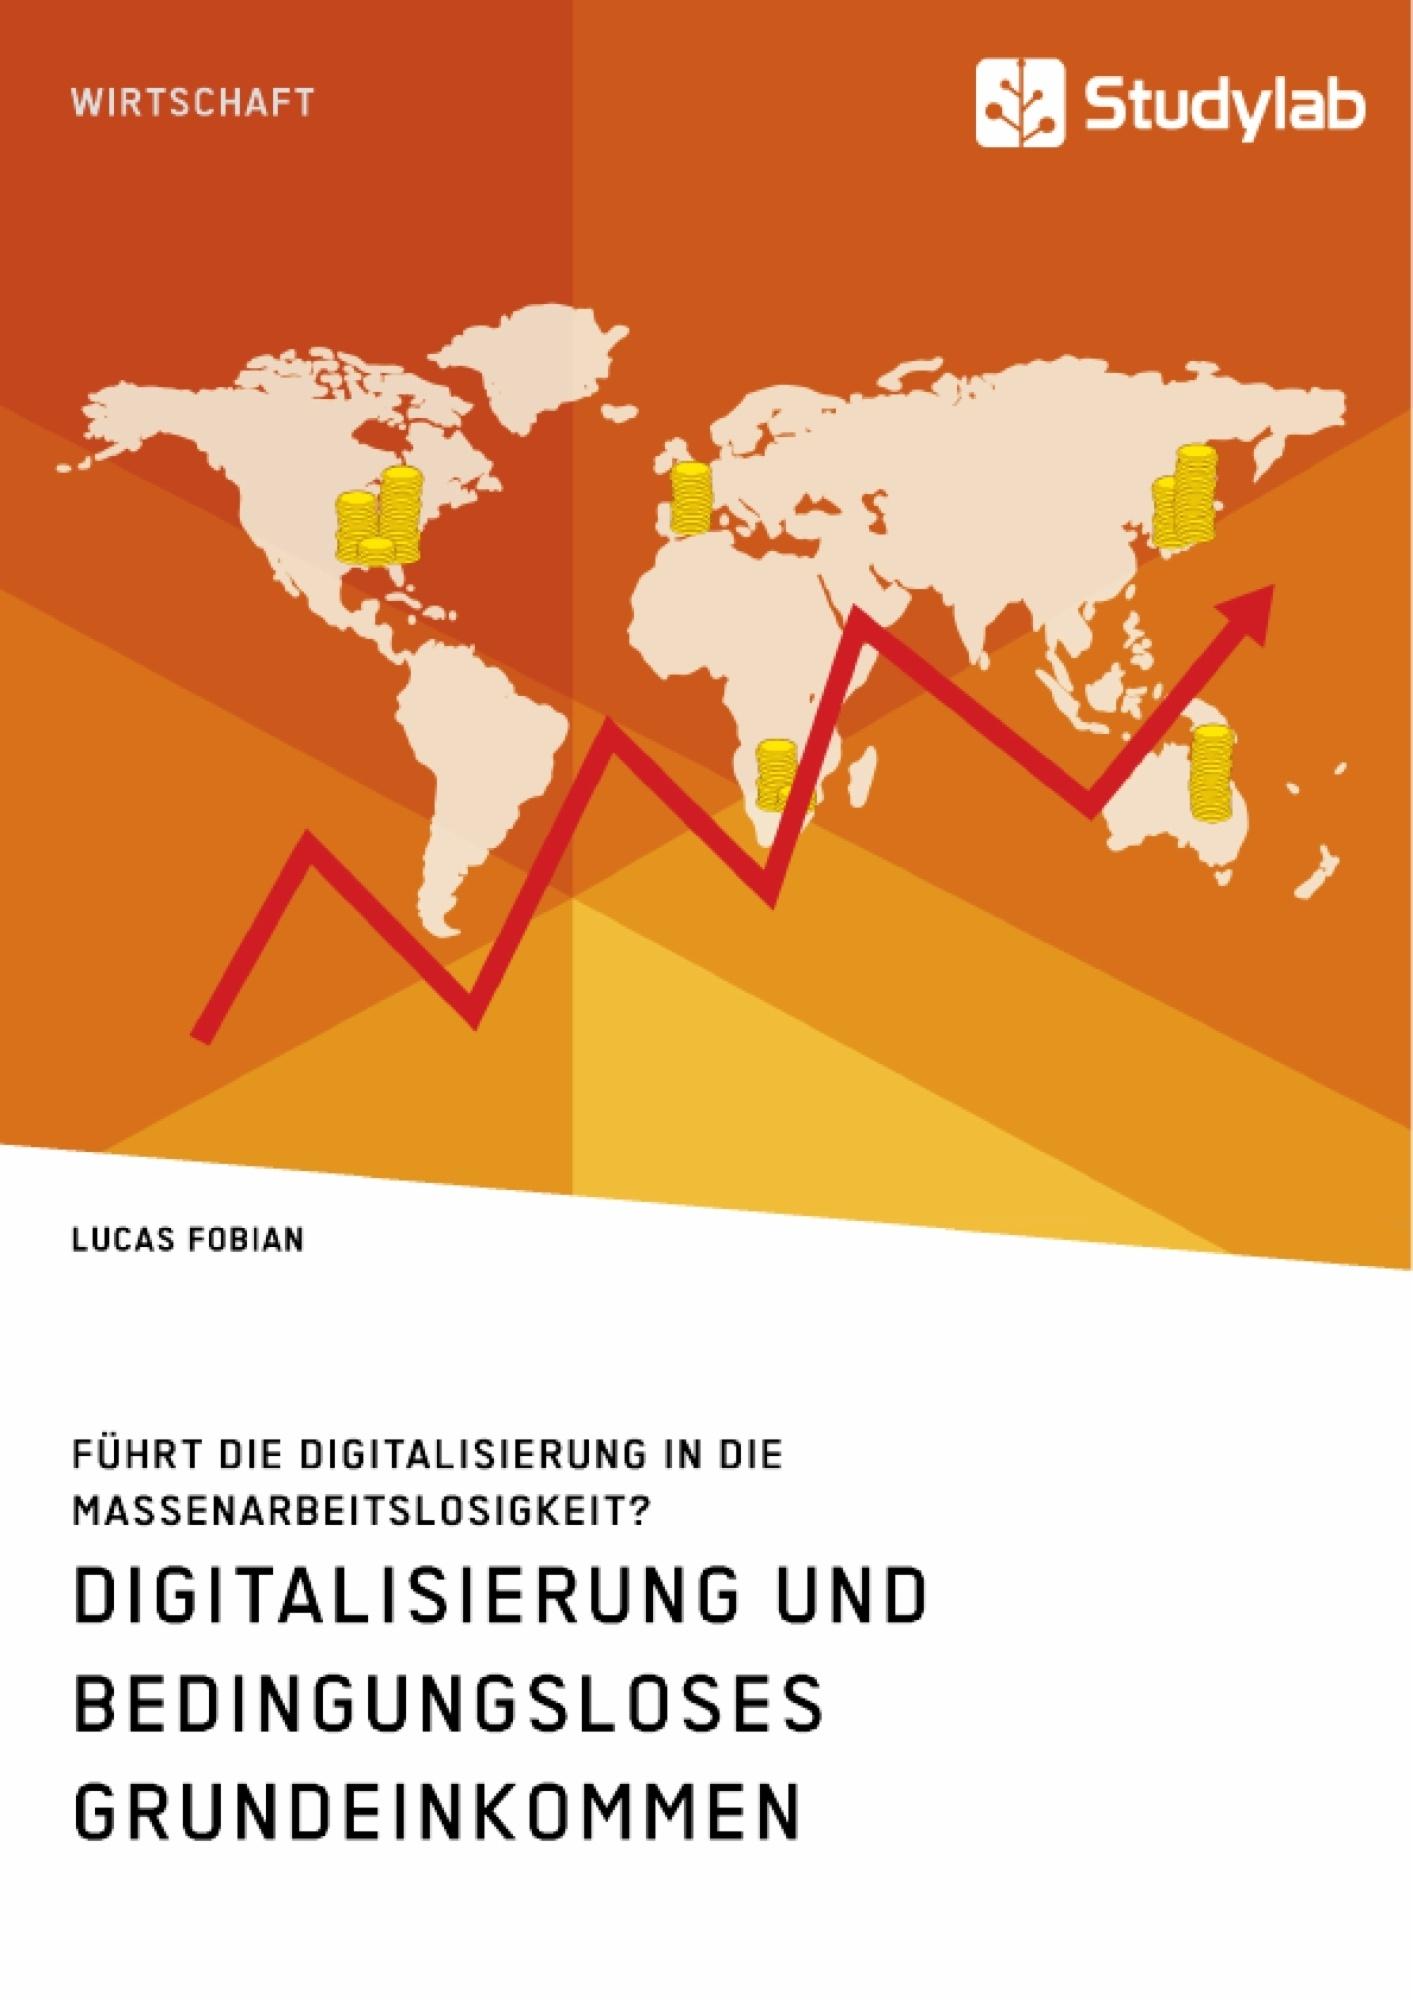 Titel: Digitalisierung und bedingungsloses Grundeinkommen. Führt die Digitalisierung in die Massenarbeitslosigkeit?